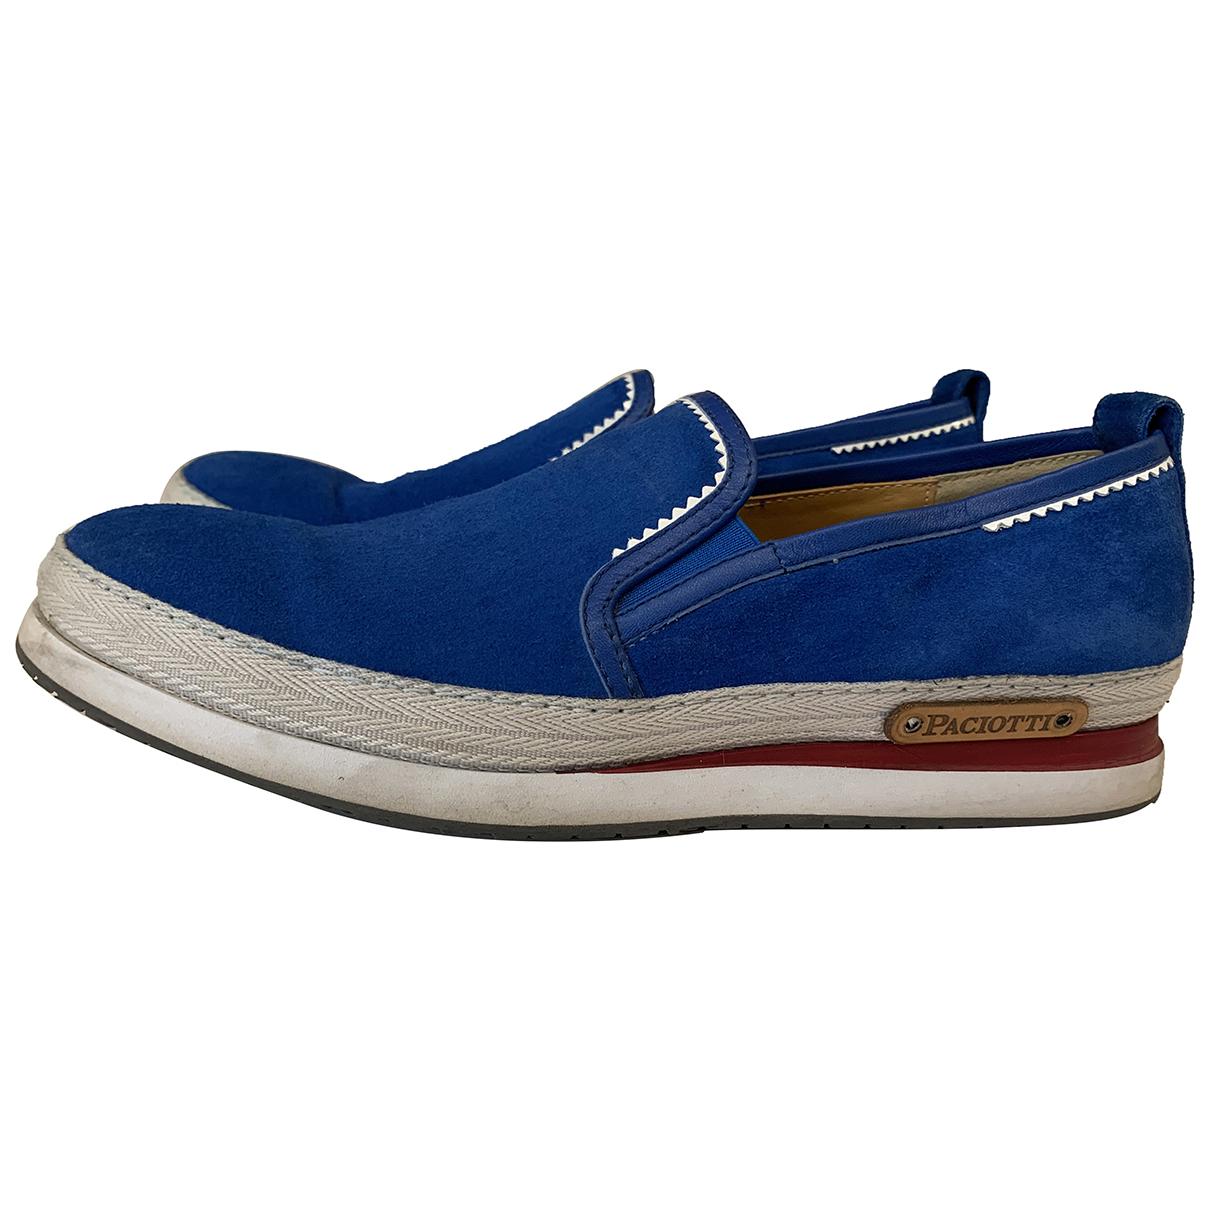 Cesare Paciotti \N Blue Patent leather Espadrilles for Men 40 EU